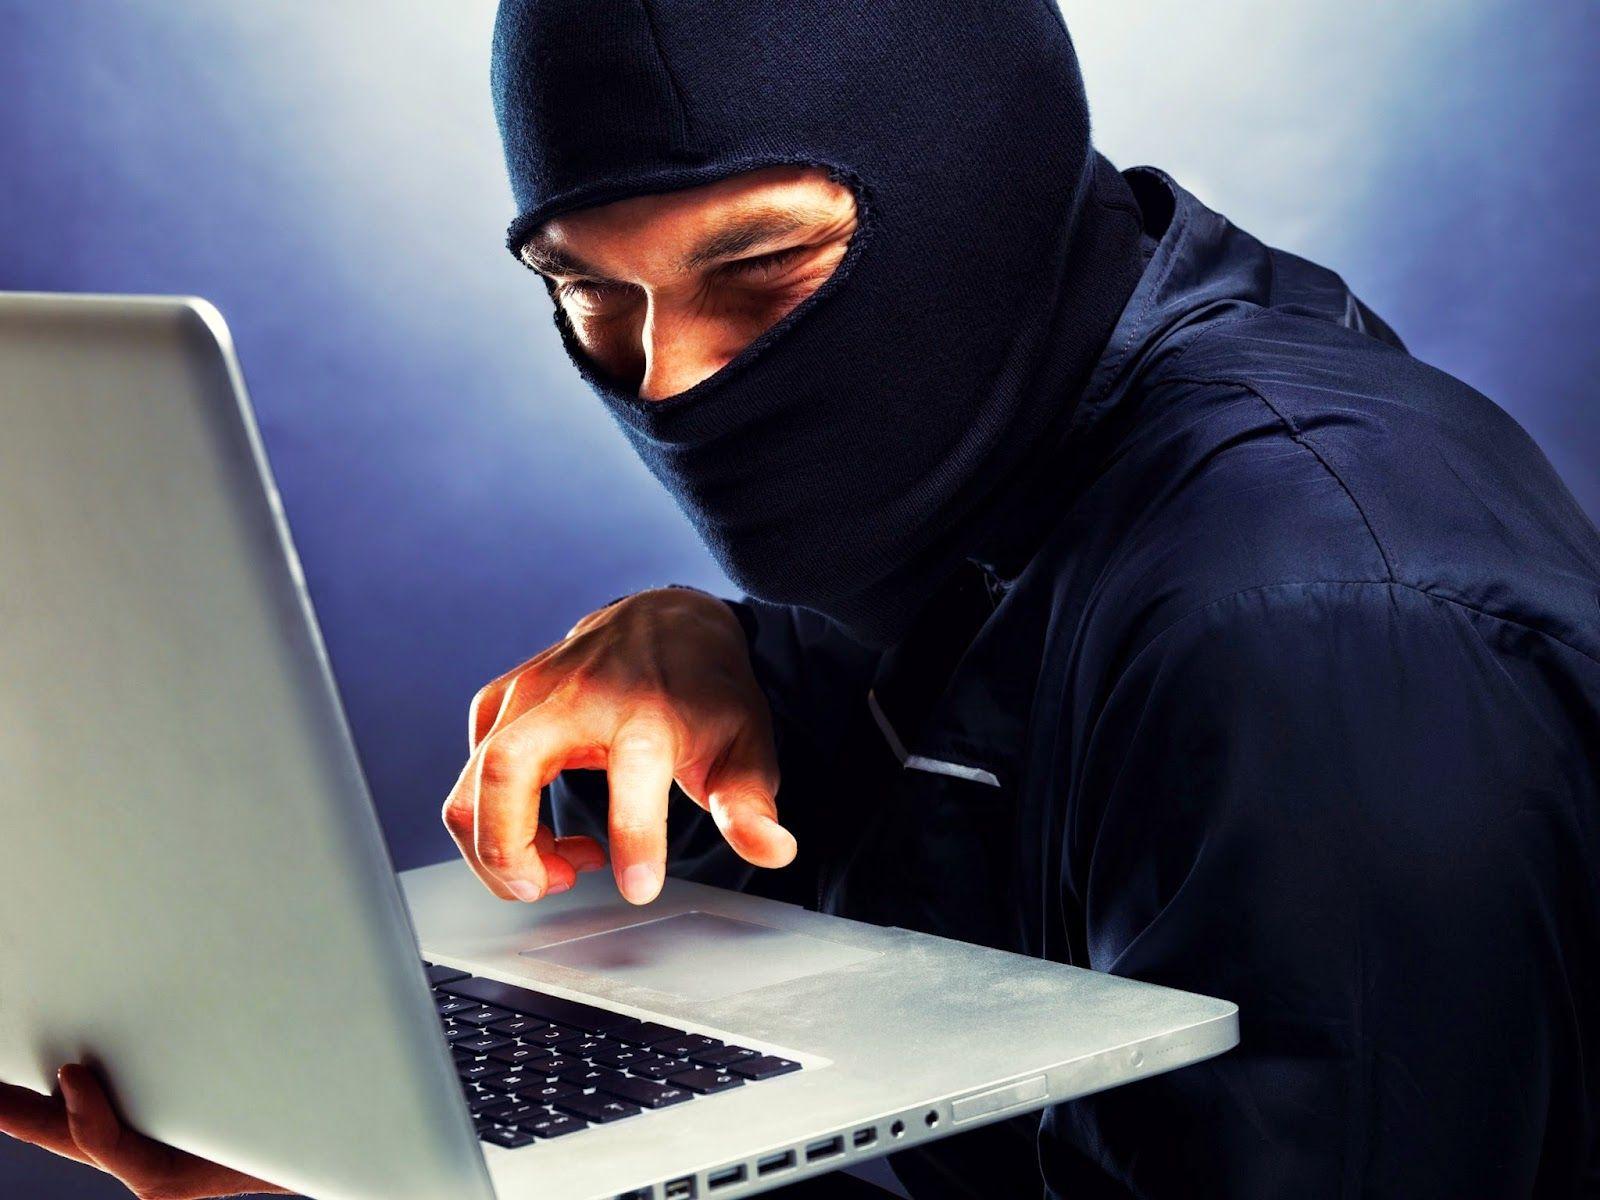 Retirer annonces par CheckMeUp, l'élimination complète des annonces par CheckMeUp adware est très important car sa présence peut créer beaucoup de problèmes pour vous et des données de PC installés.